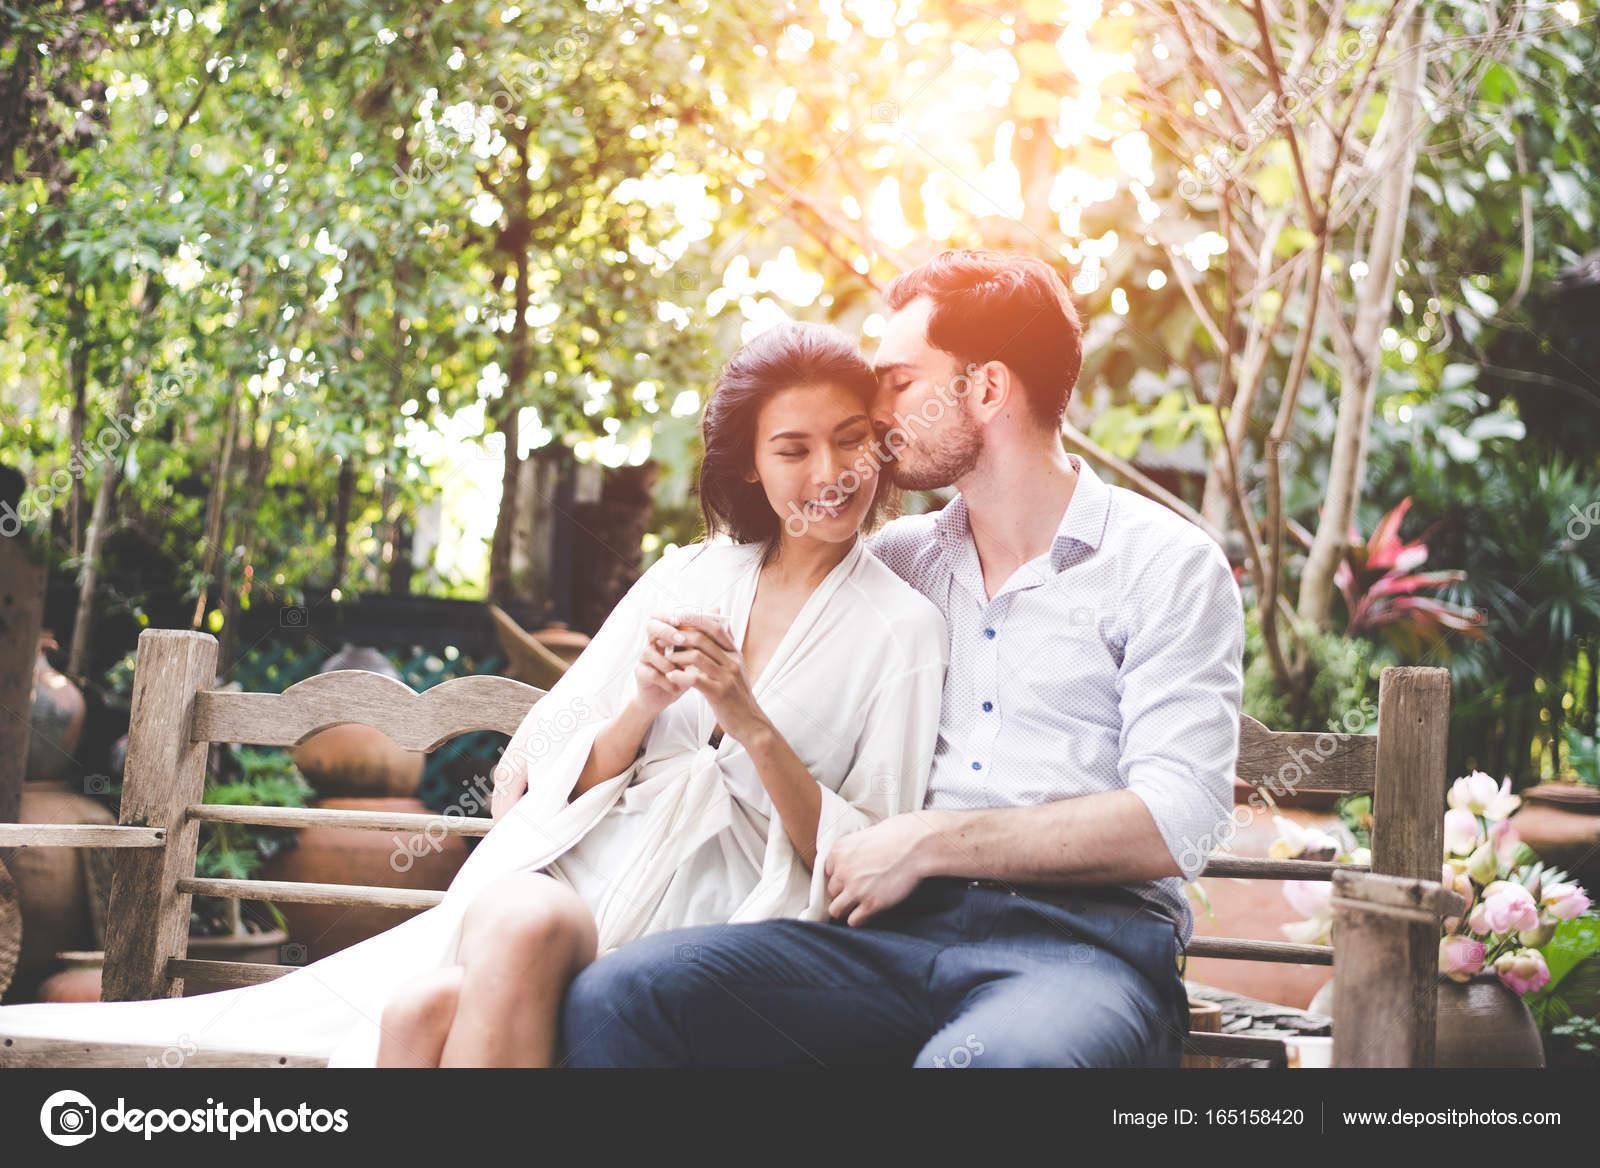 asiatische Liebesdatierung